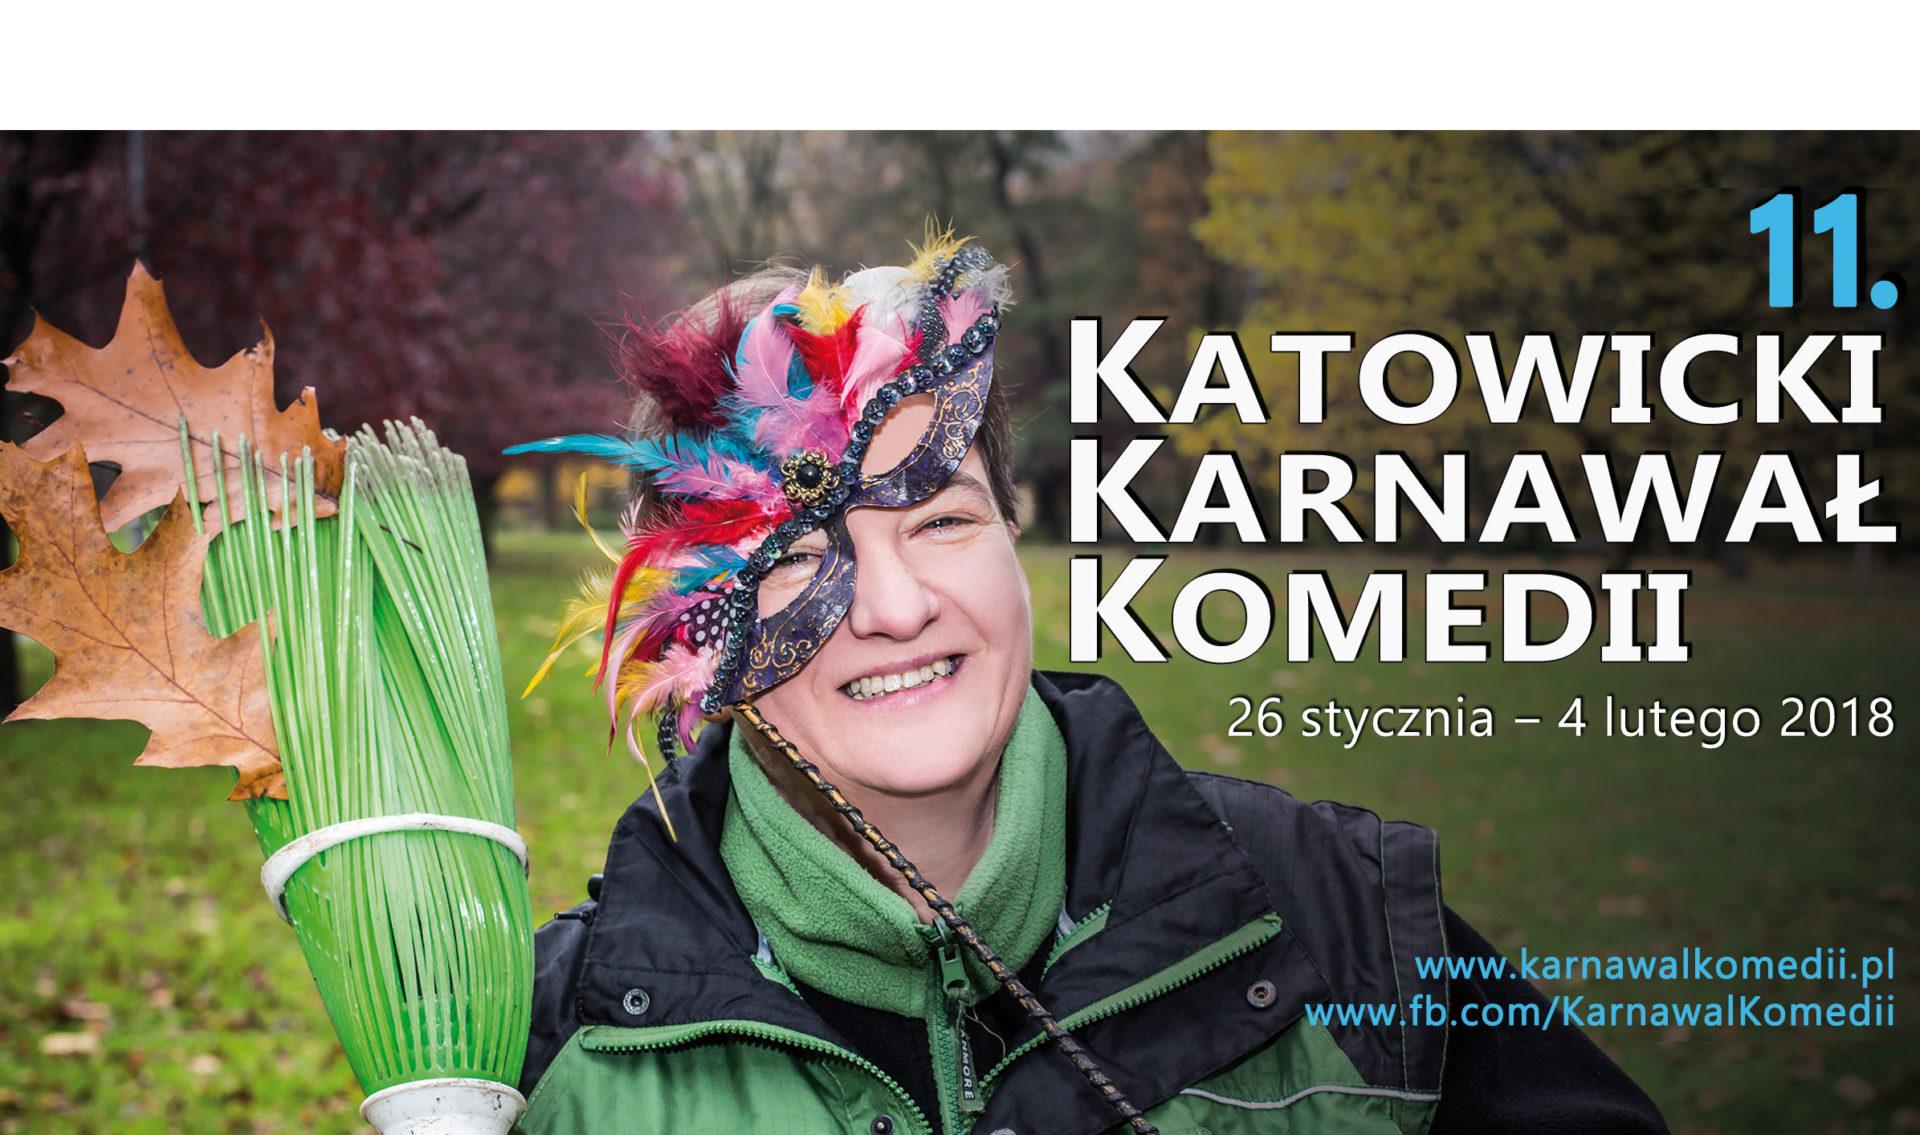 Katowicki Karnawał Komedii 2018